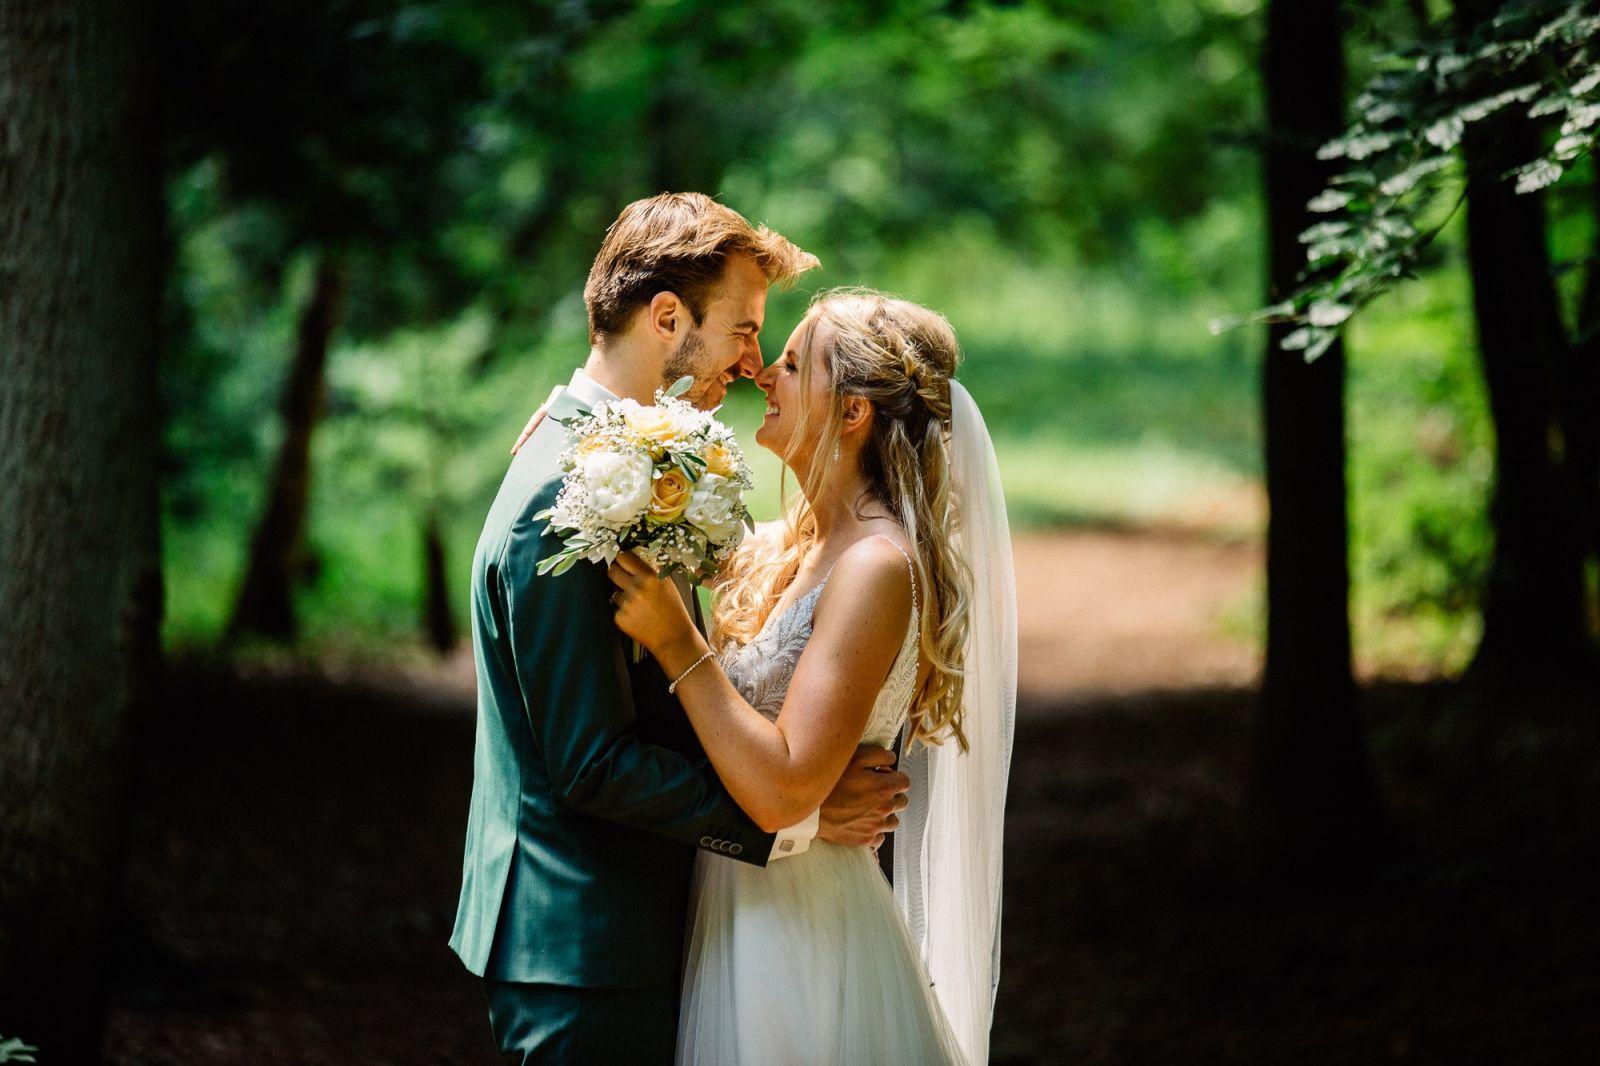 bruidsreportage groenendaal